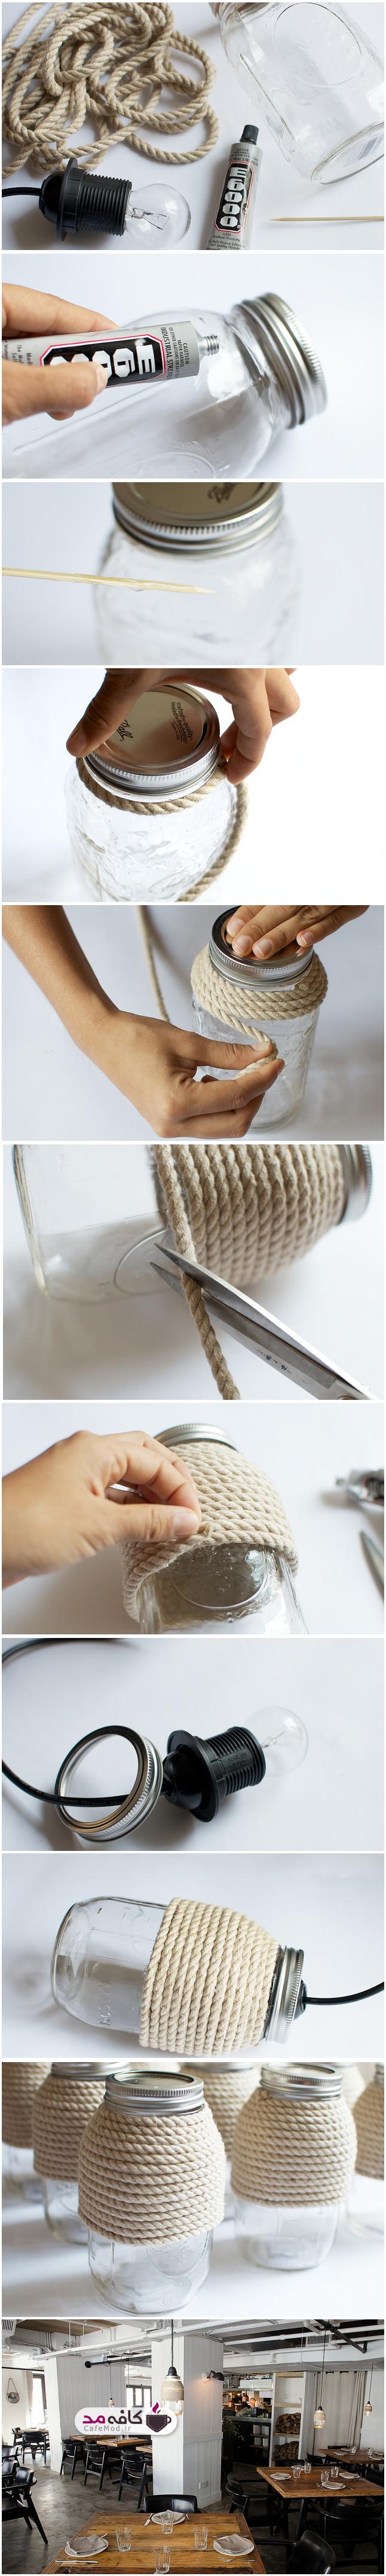 ساخت لوستر با طناب و بطری